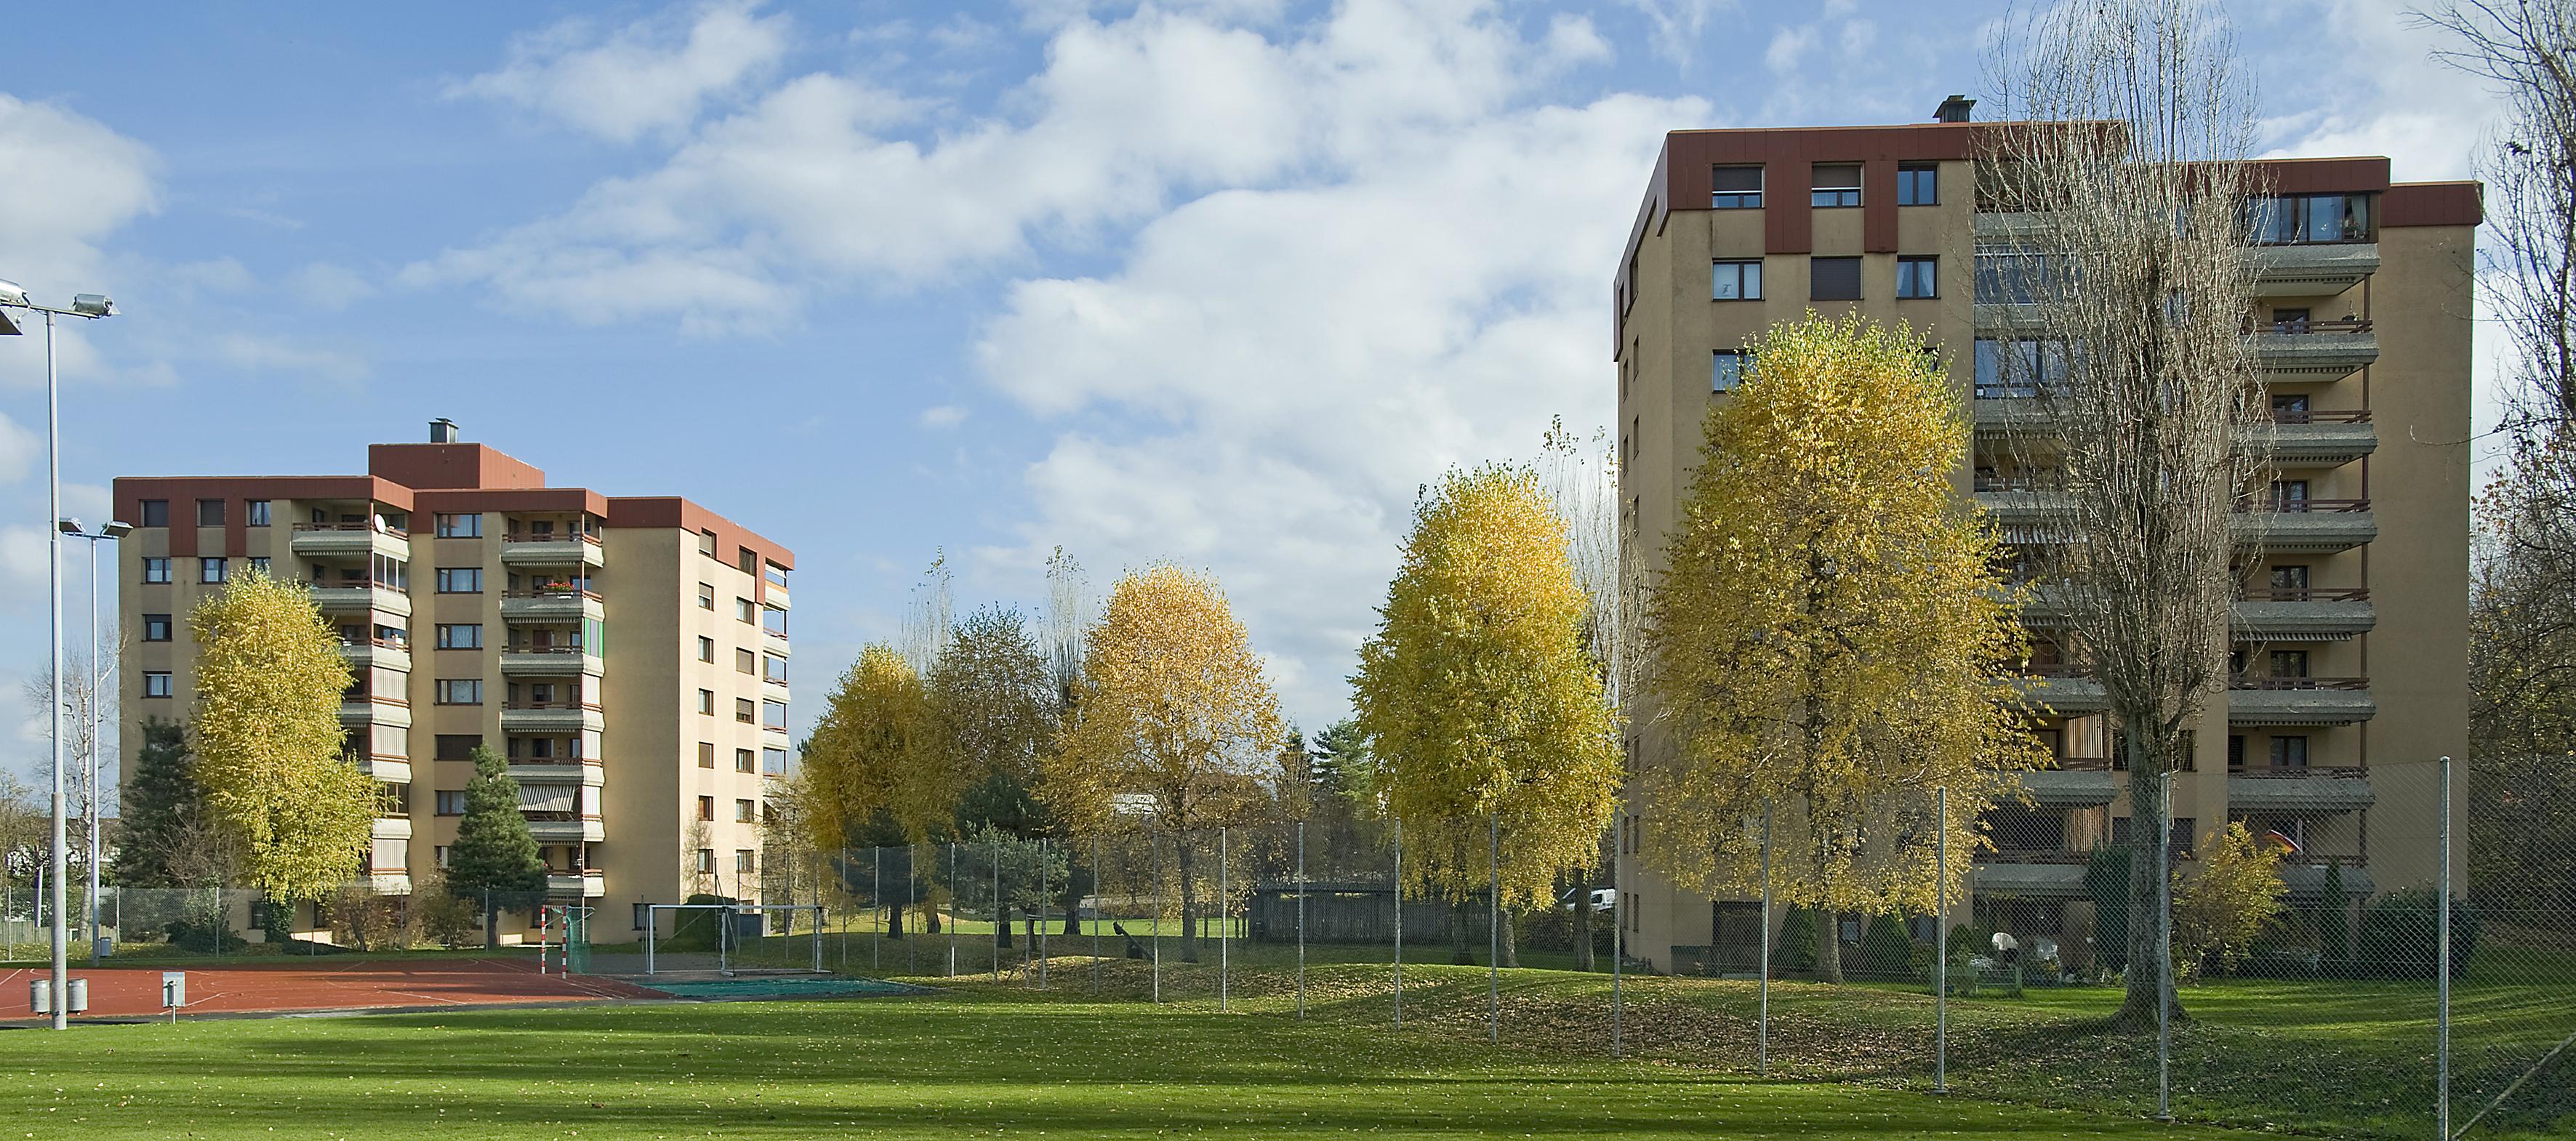 4,5 Zimmer Wohnung – Stelzenrebenstrasse 1, 9403 Goldach SG